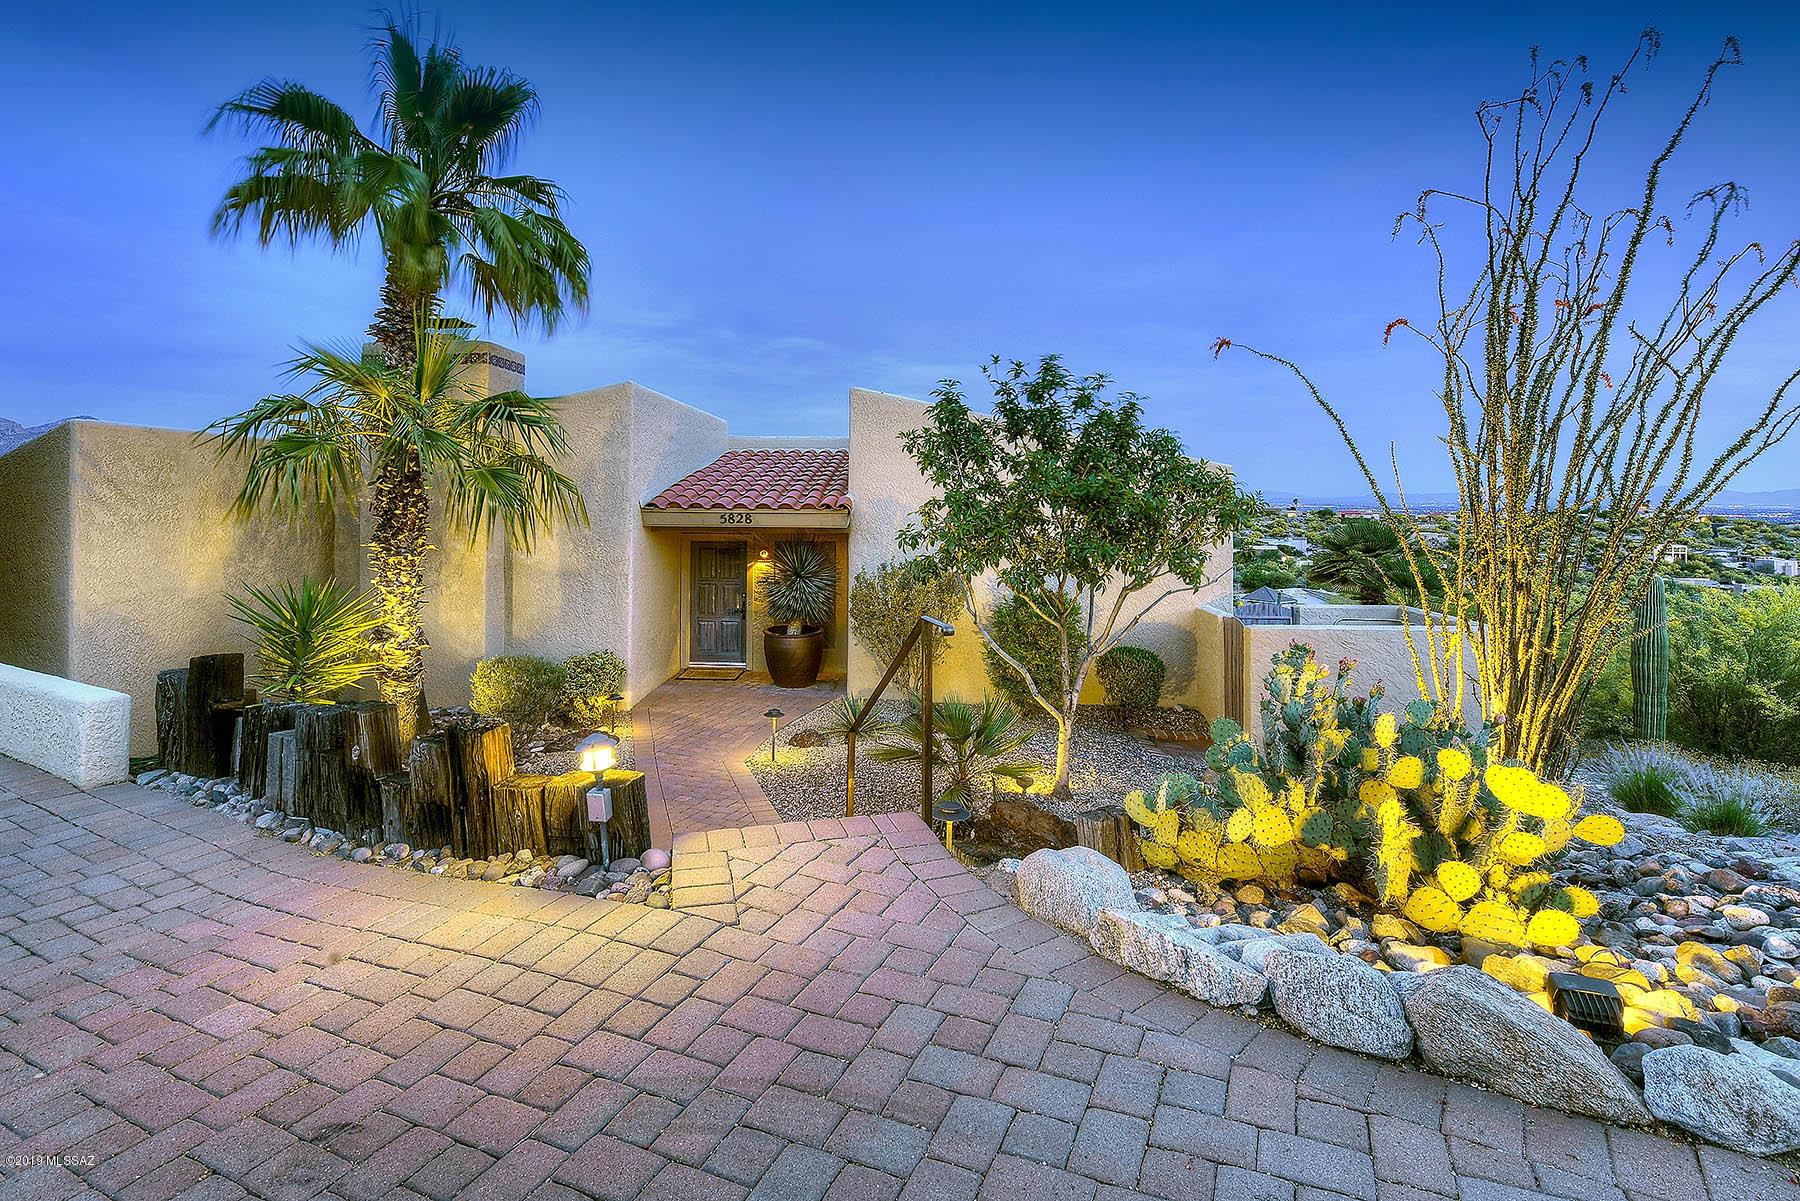 Photo of 5828 N Paseo Ventoso, Tucson, AZ 85750